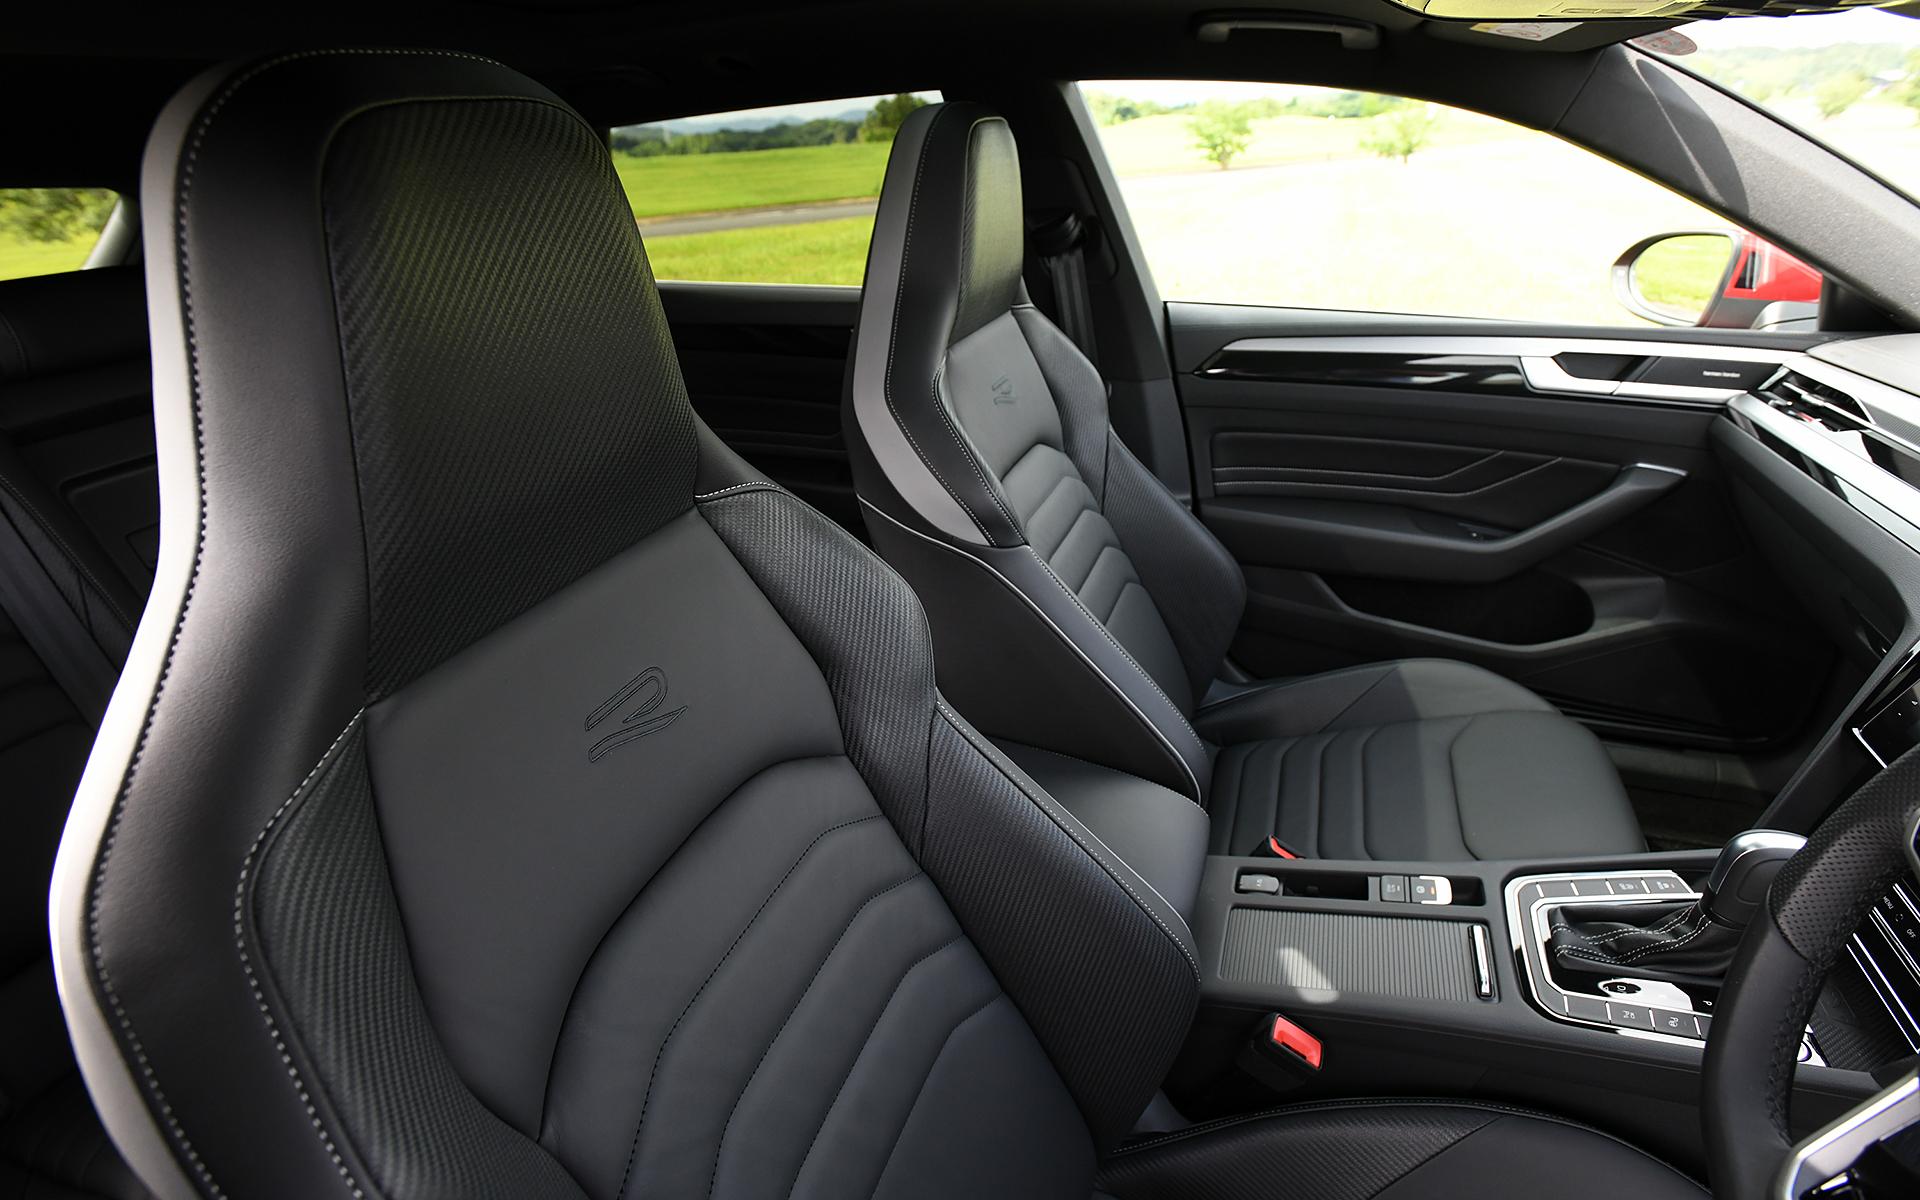 R-Lineは専用のナパレザーシートとなり、R-Line Advanceではさらに運転席/助手席がスポーツシートとなる